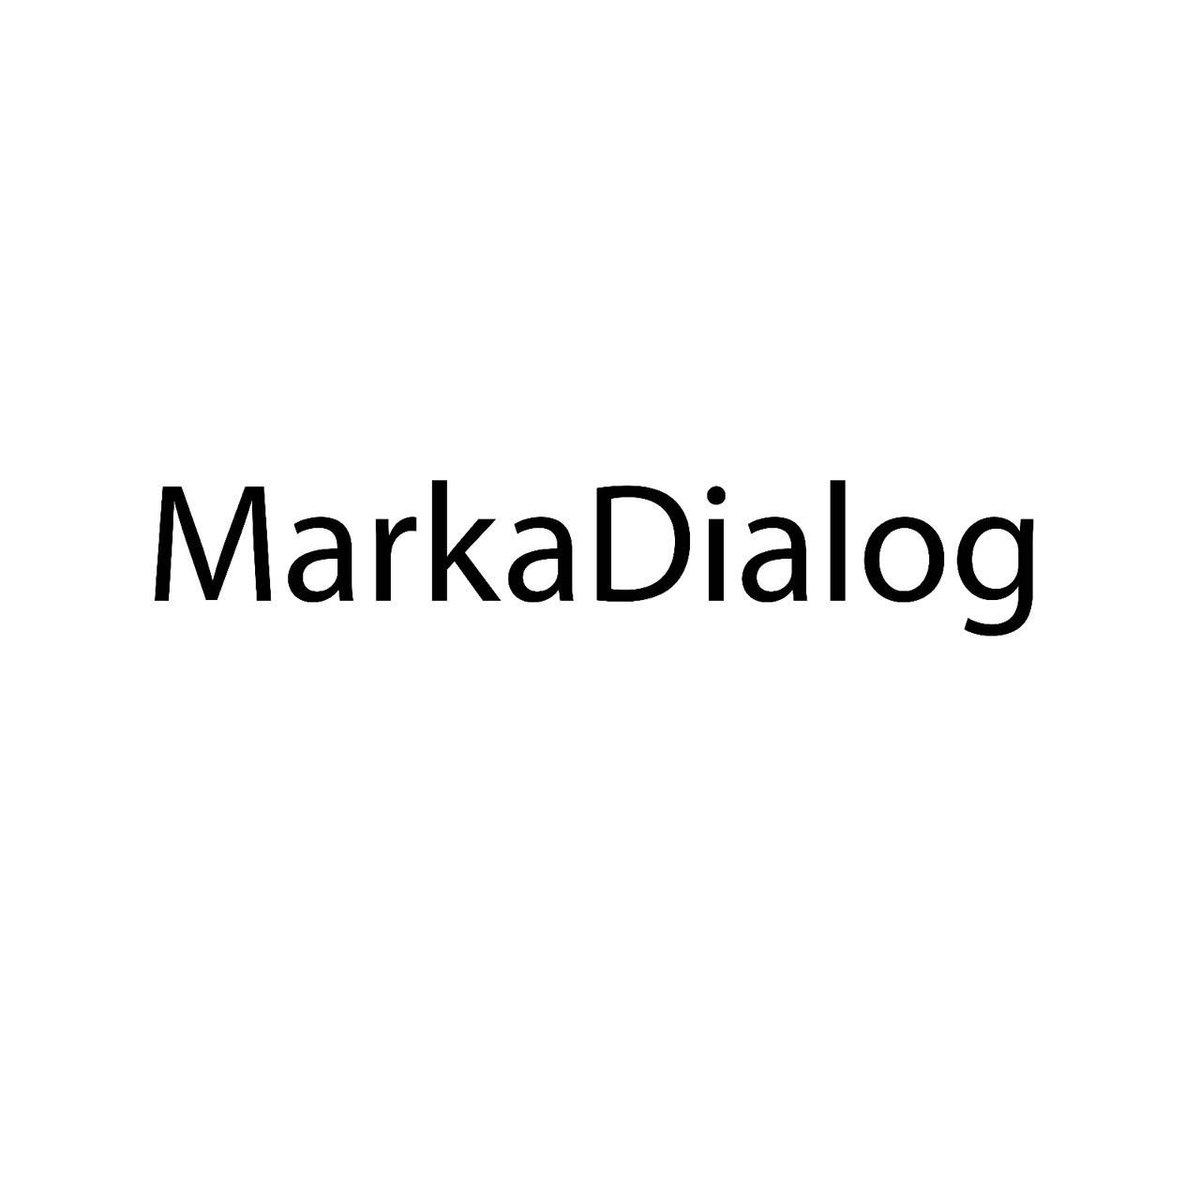 MarkaDialog marka yönetimi ve pazarlama iletişimi danışmanlığı! https://t.co/LBs7ICqFpI